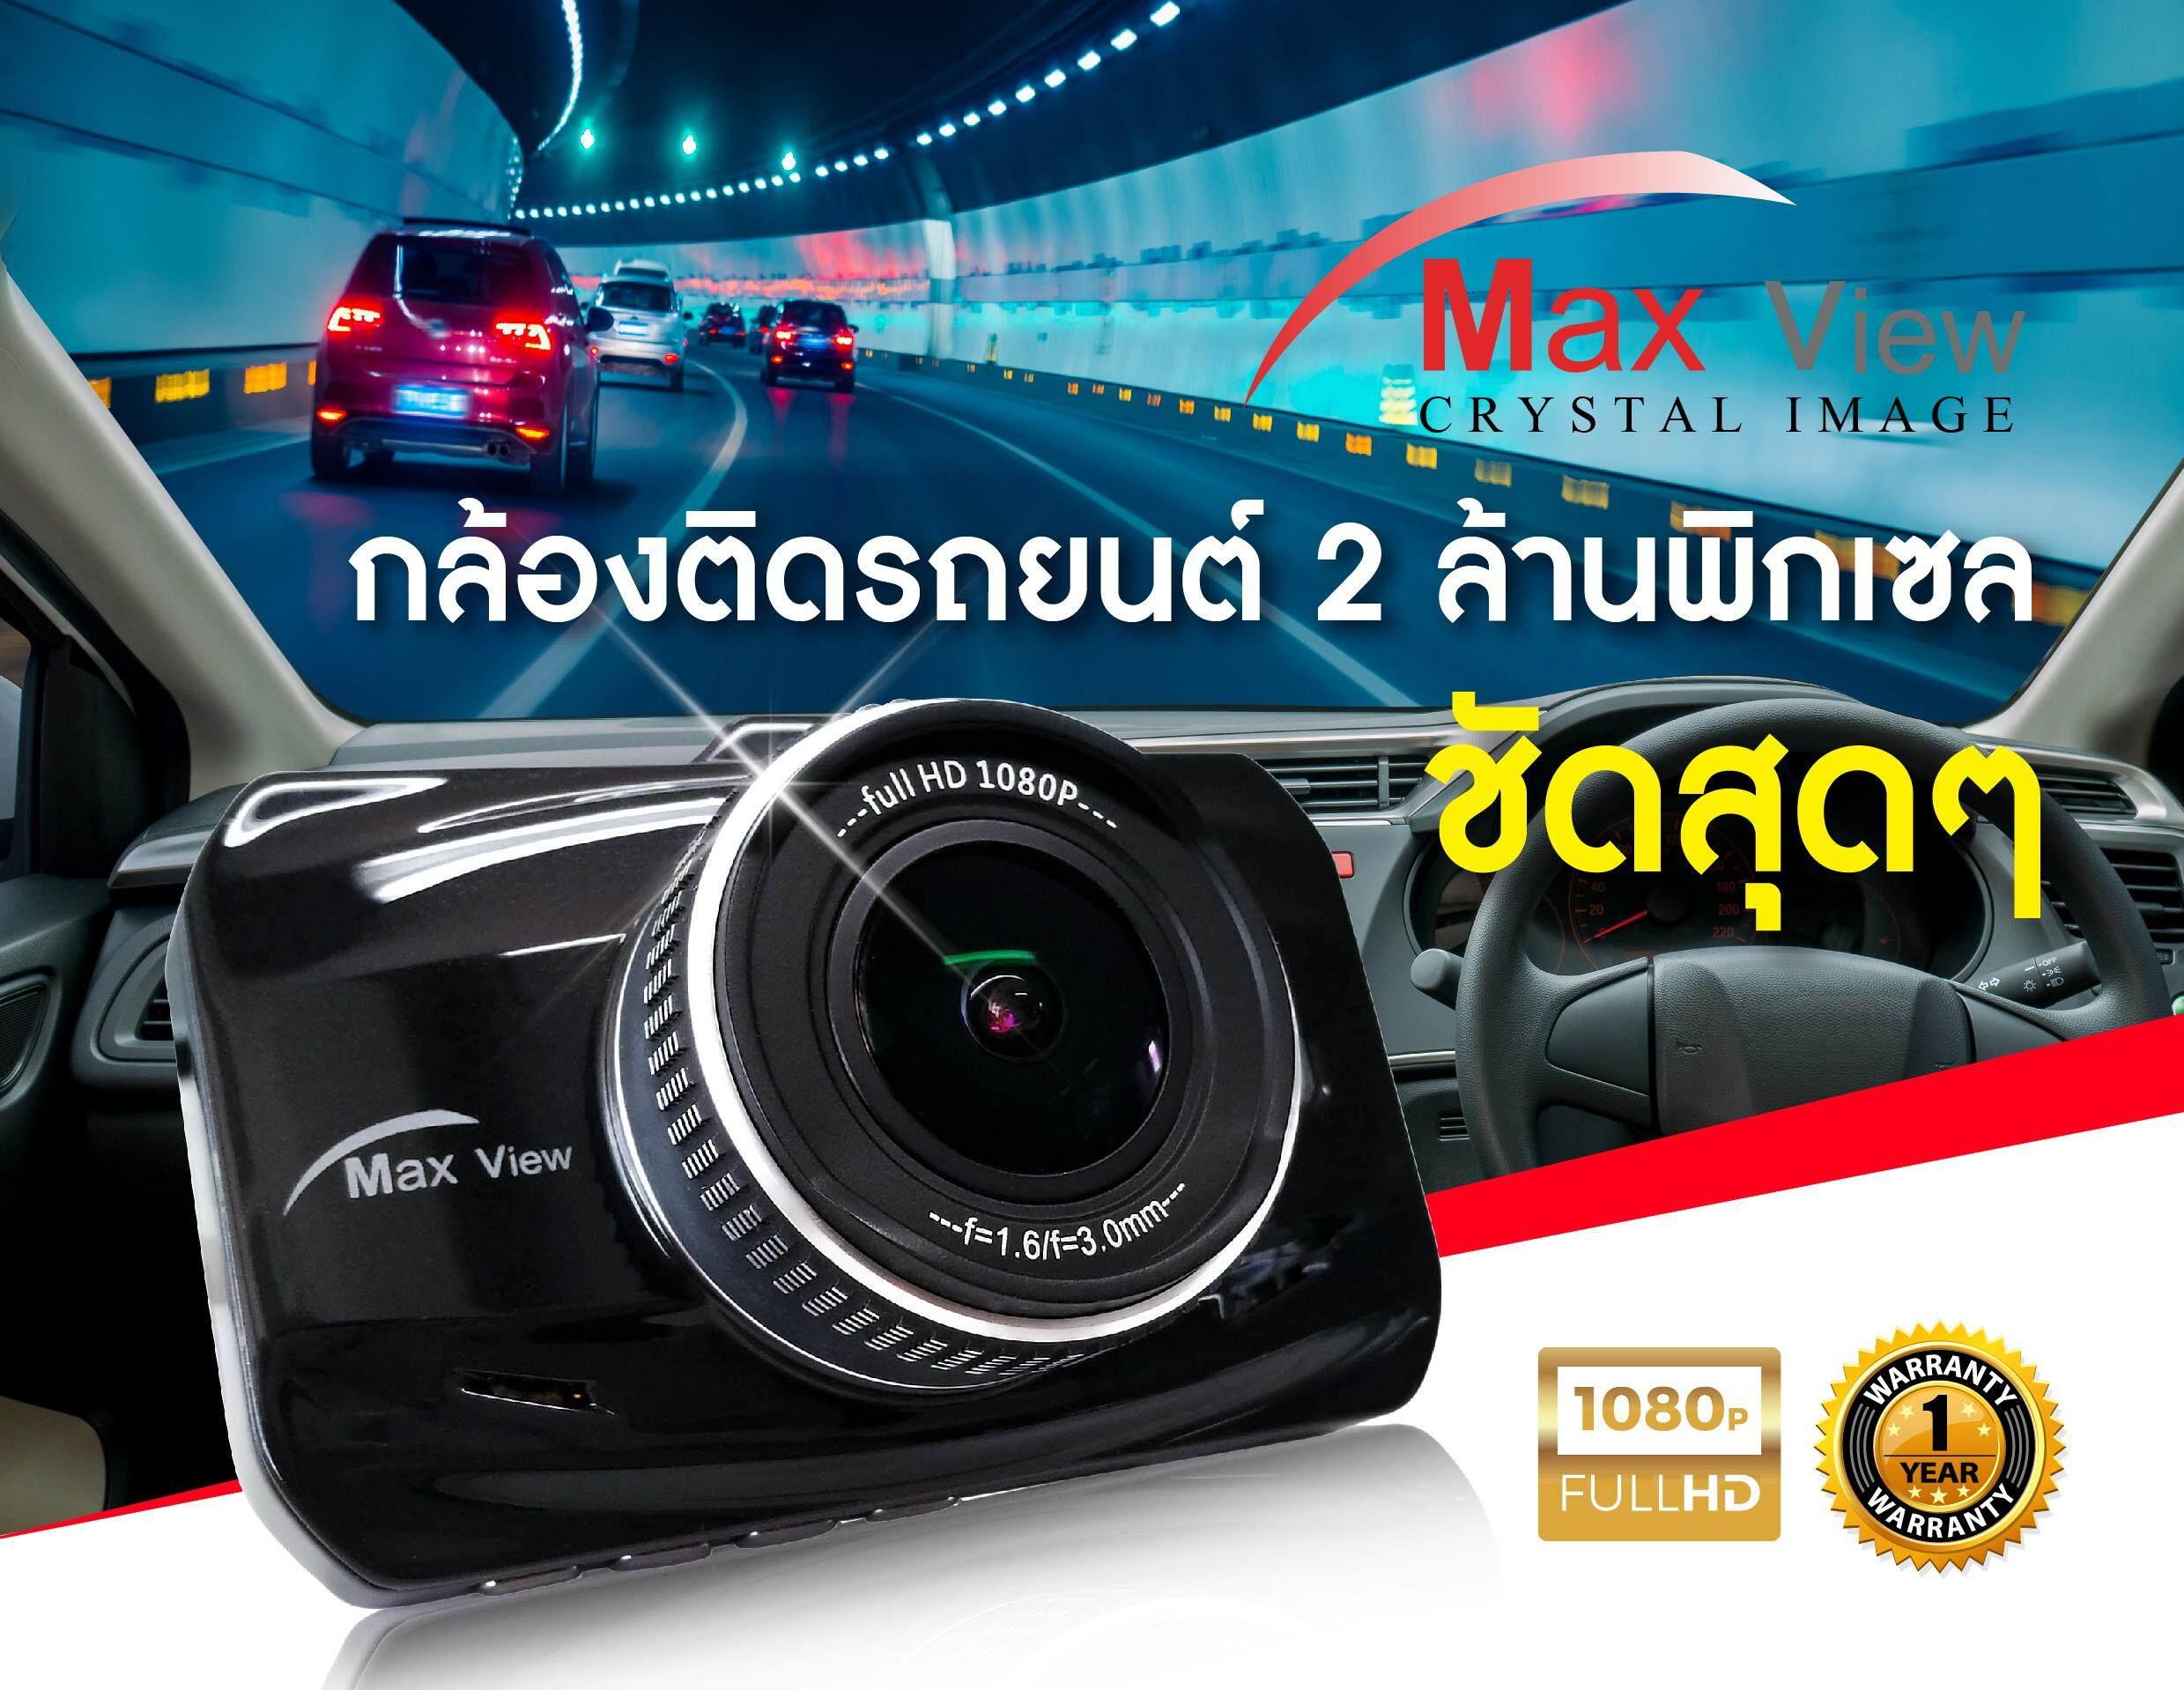 กล้องติดรถยนต์ Maxview รุ่น 2MSS